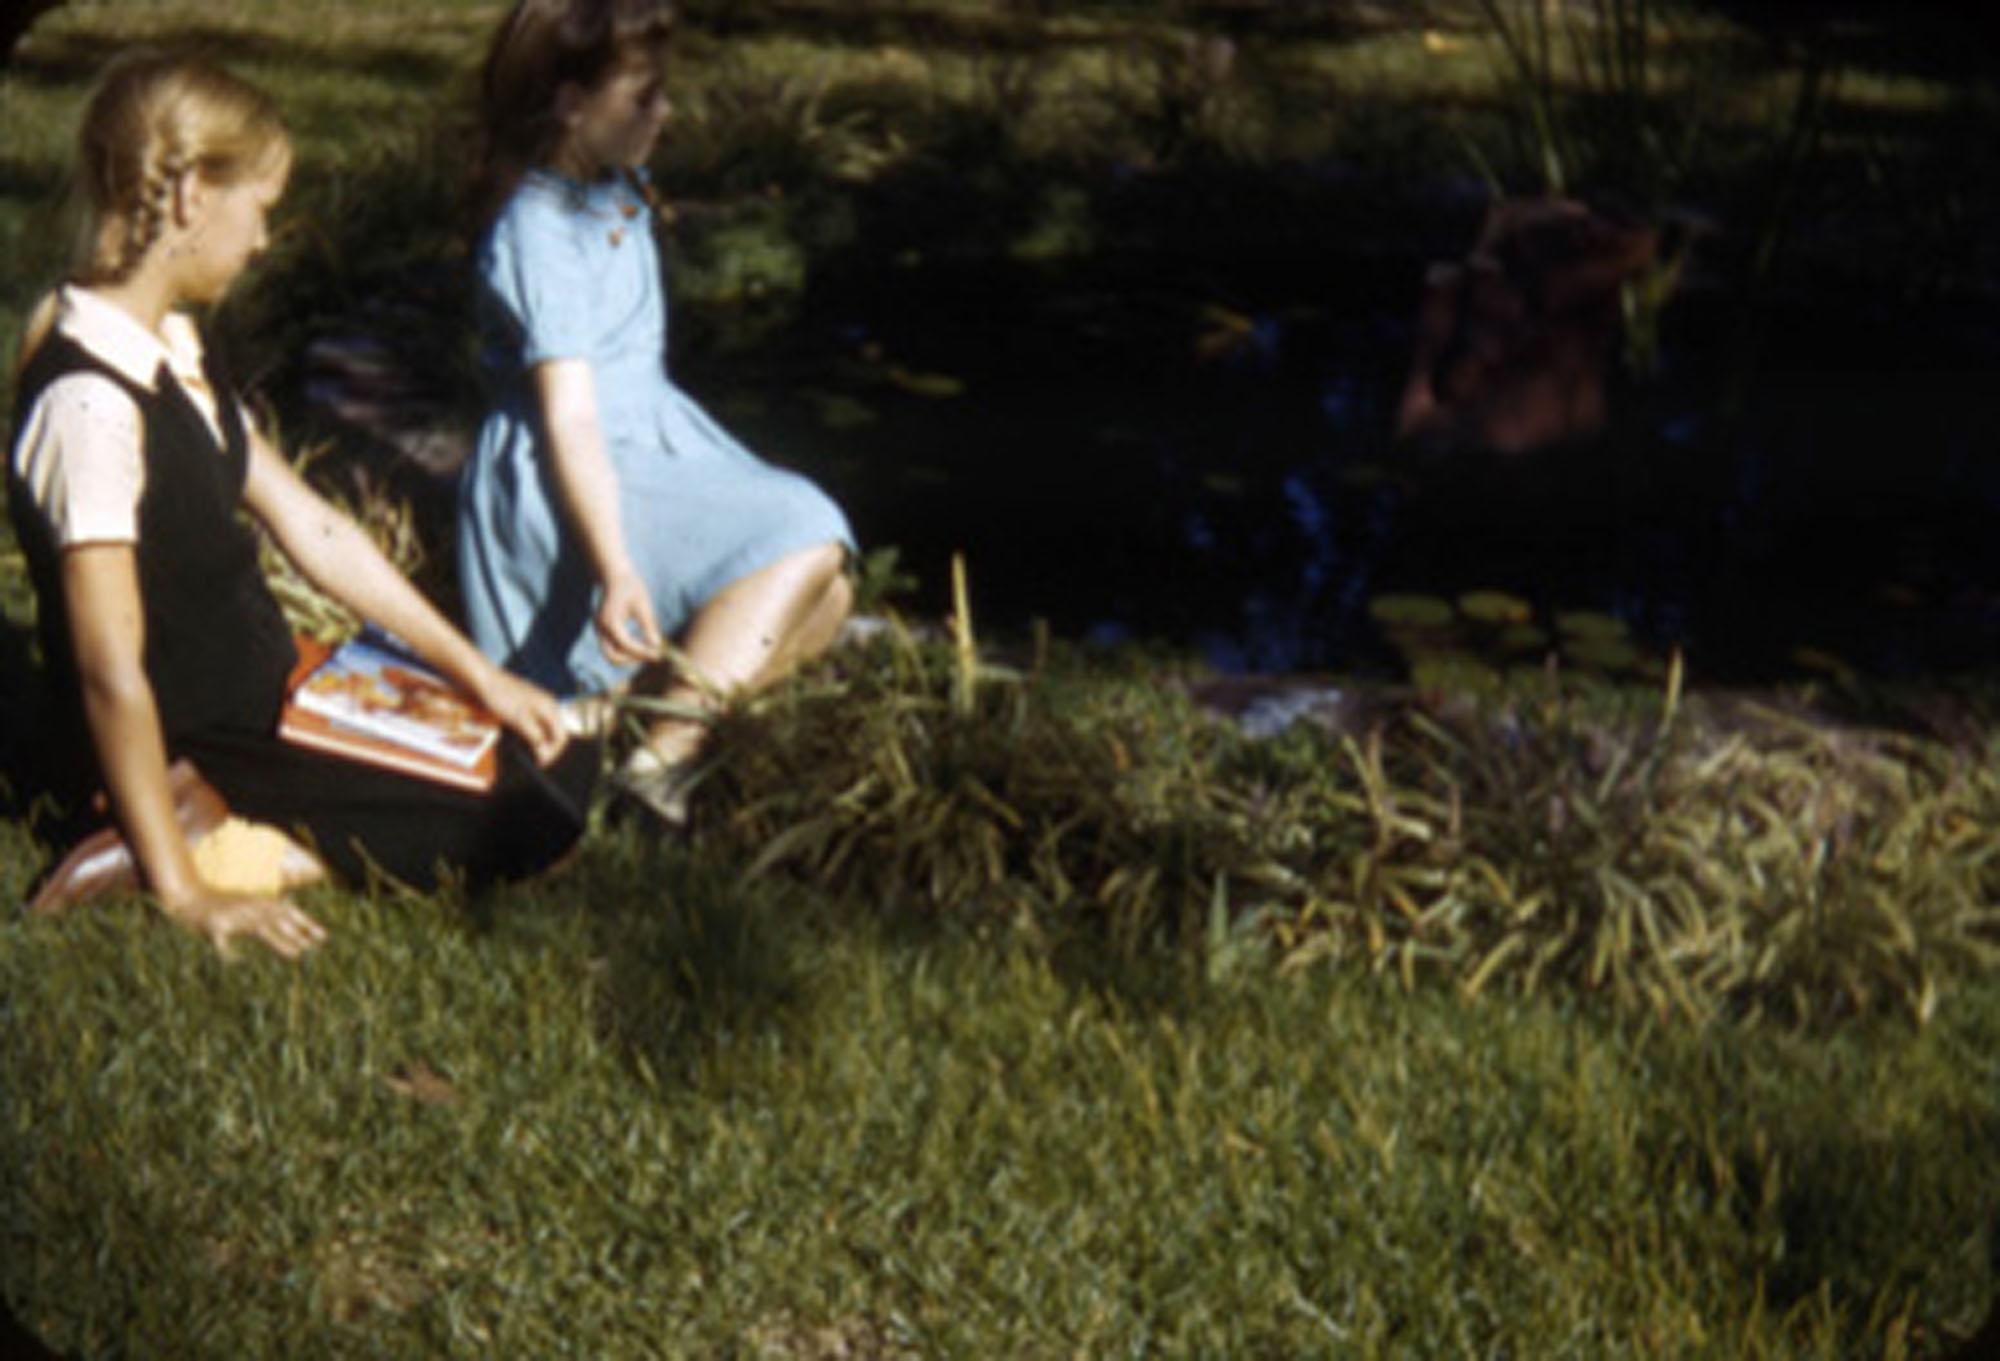 Children in garden, Main Library (4)